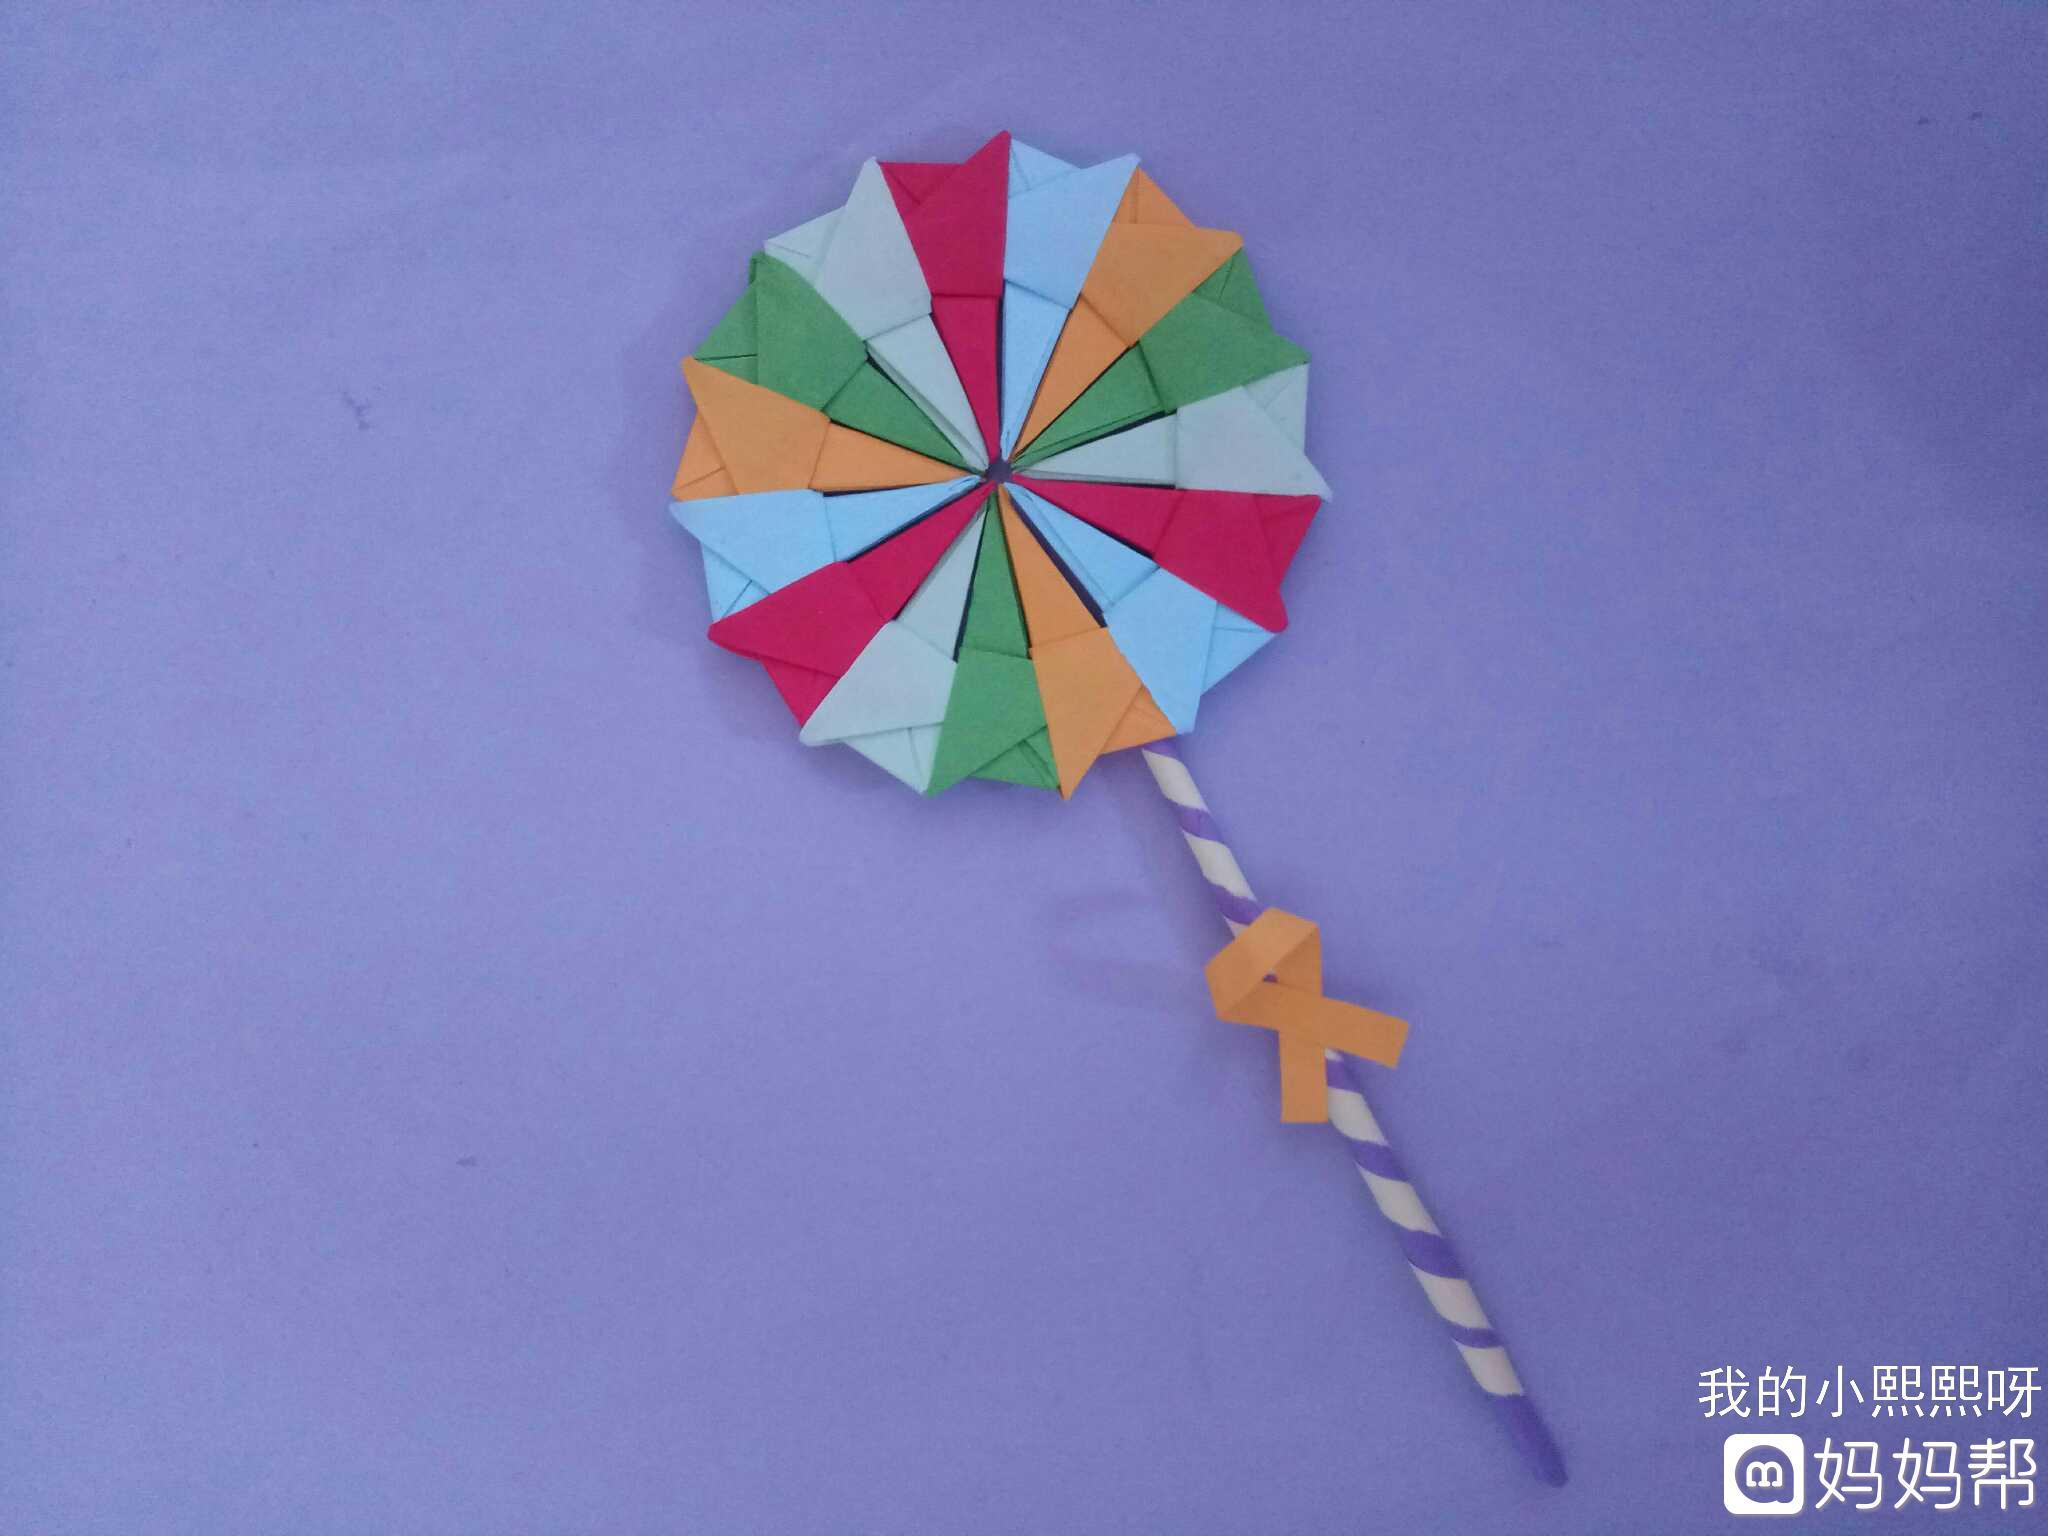 同趣style#创意折纸—棒棒糖